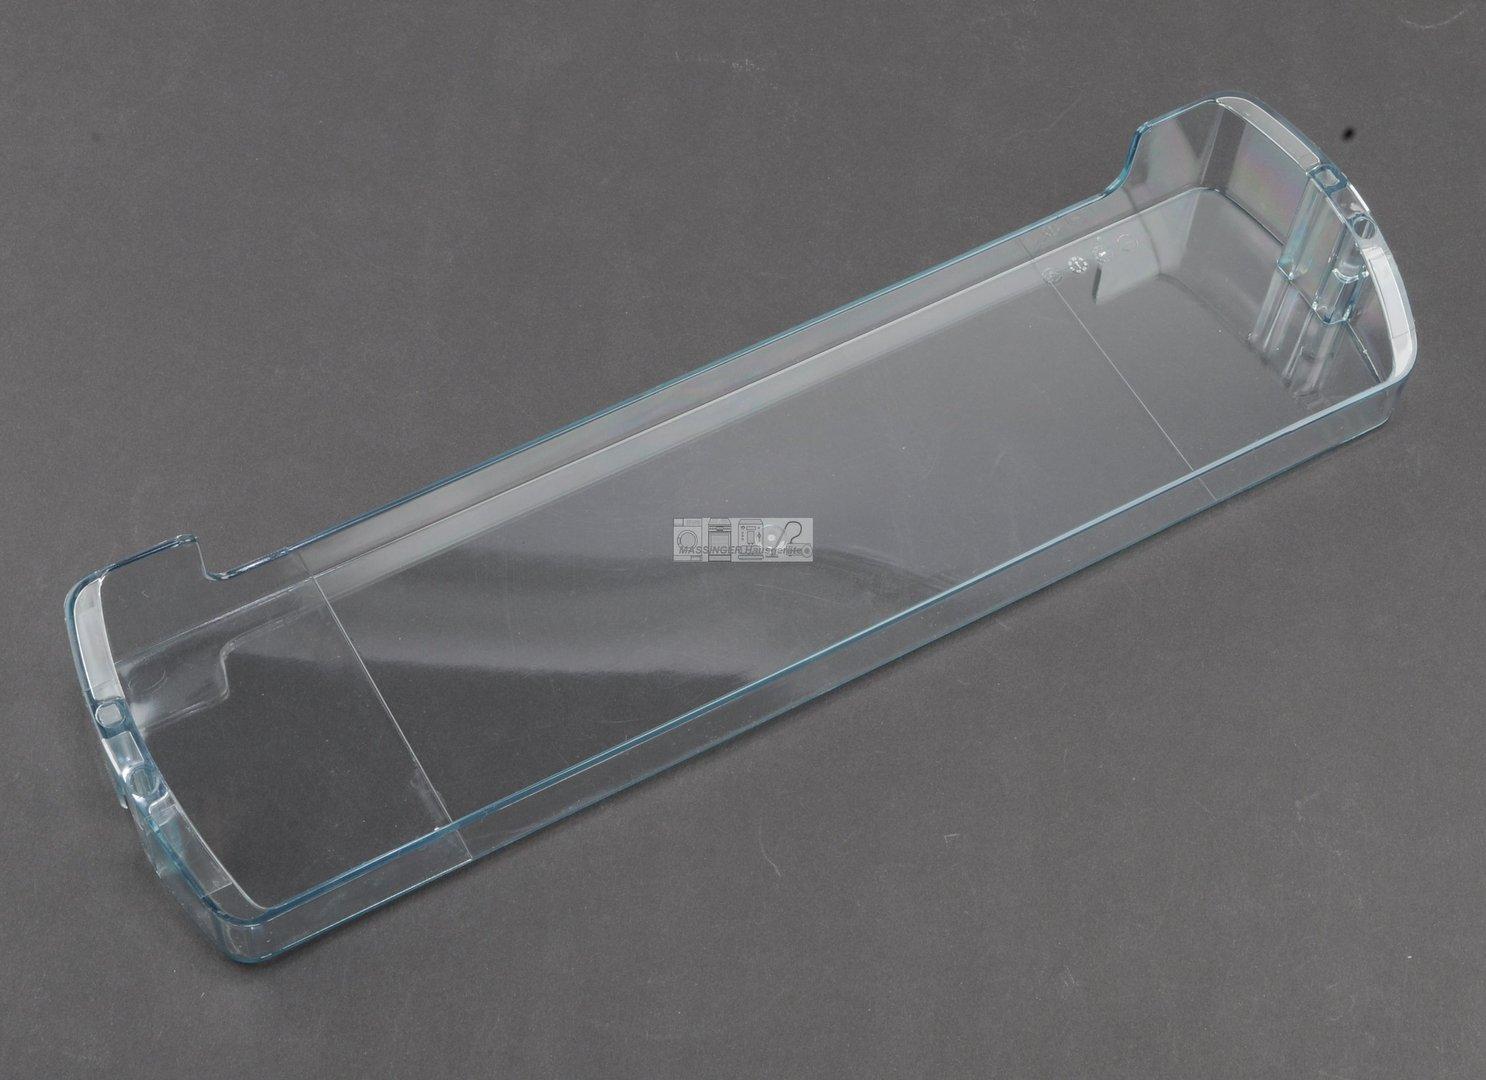 Gorenje Kühlschrank Ersatzteile Türfach : Gorenje kühlschrank flaschenfach einbau getränke mm